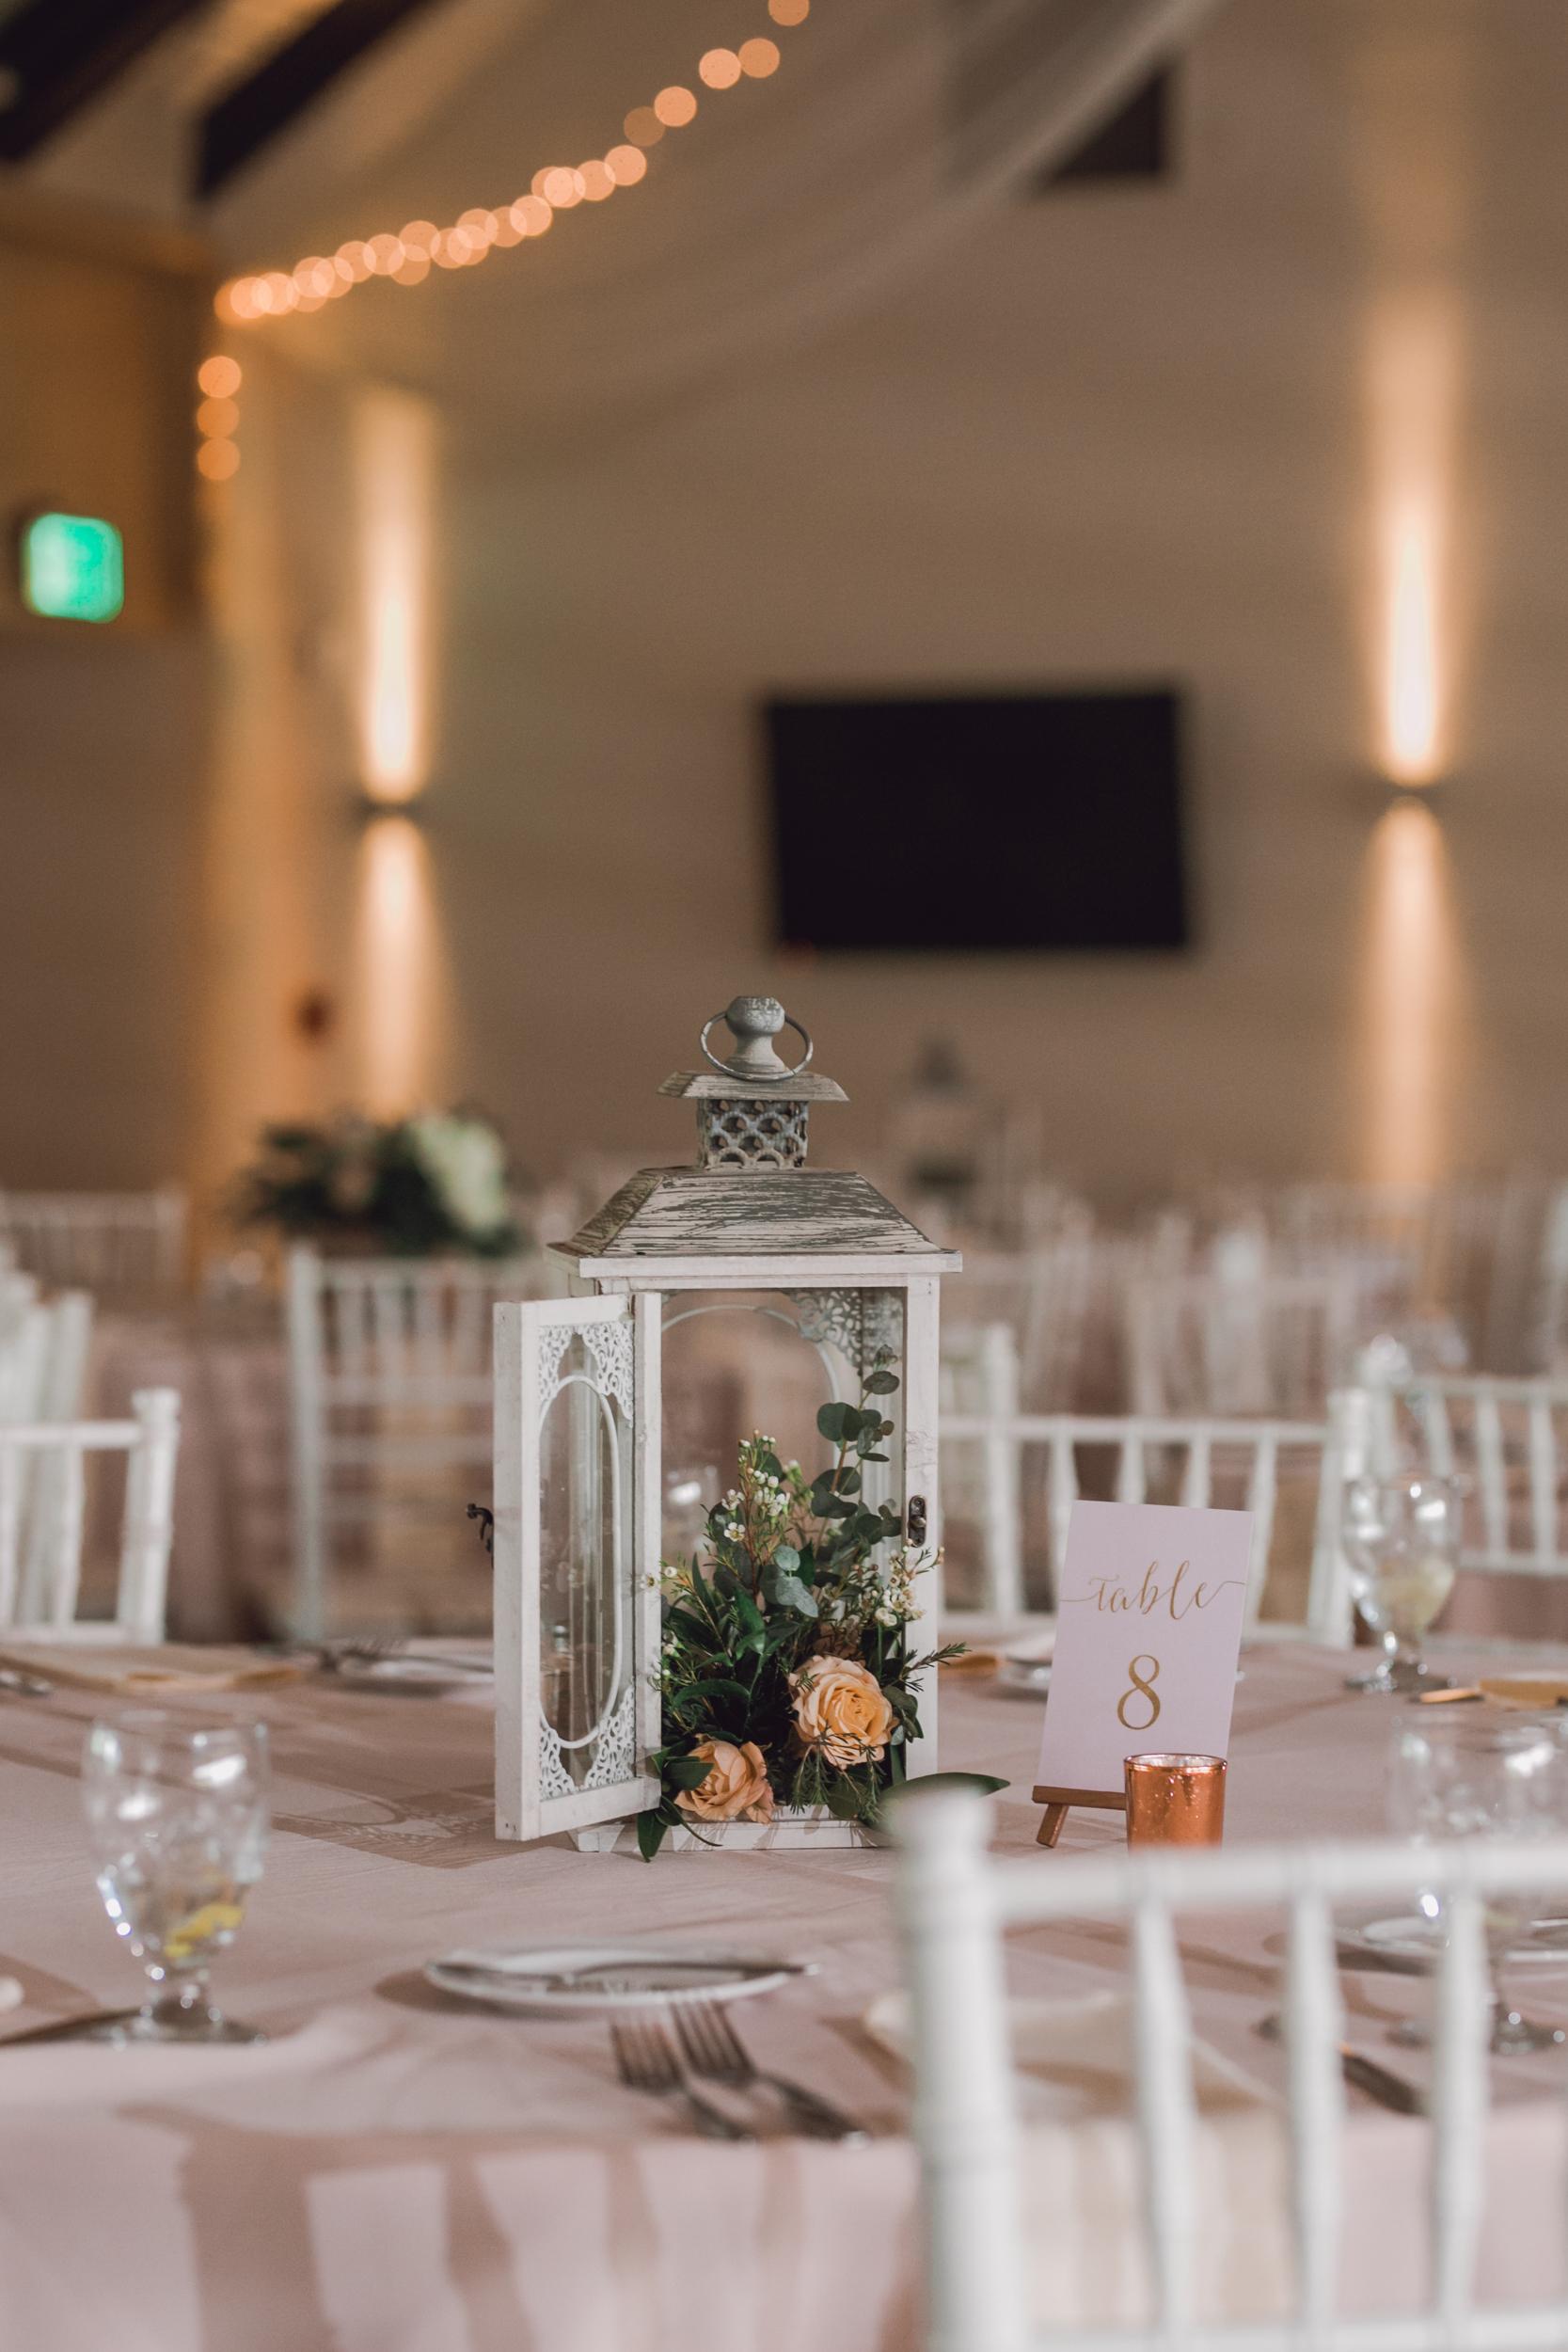 dellwood country club wedding*, Dellwood Country Club*, golf course wedding*, green golf course*, rose pink wedding details*-www.rachelsmak.com27.jpg